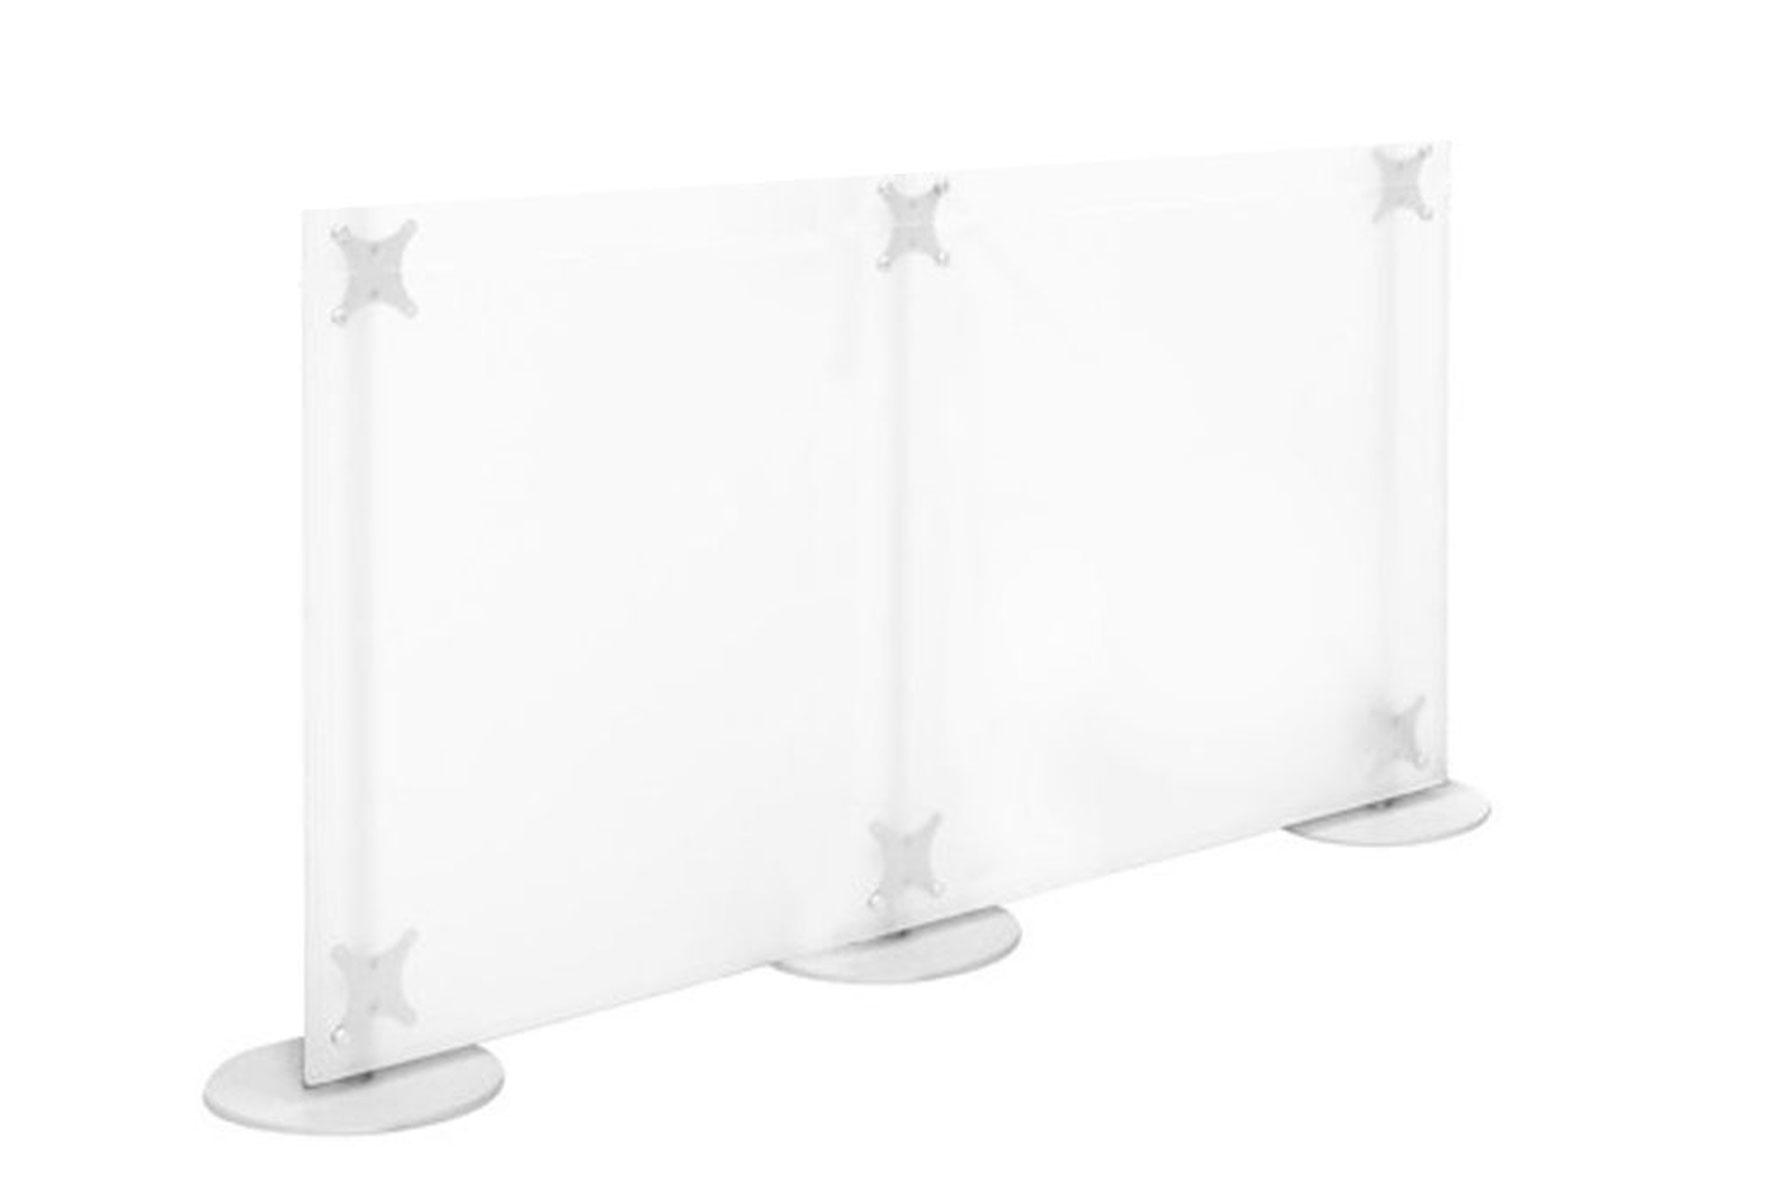 Pareti divisorie basse in plexiglass trasparente o colorato